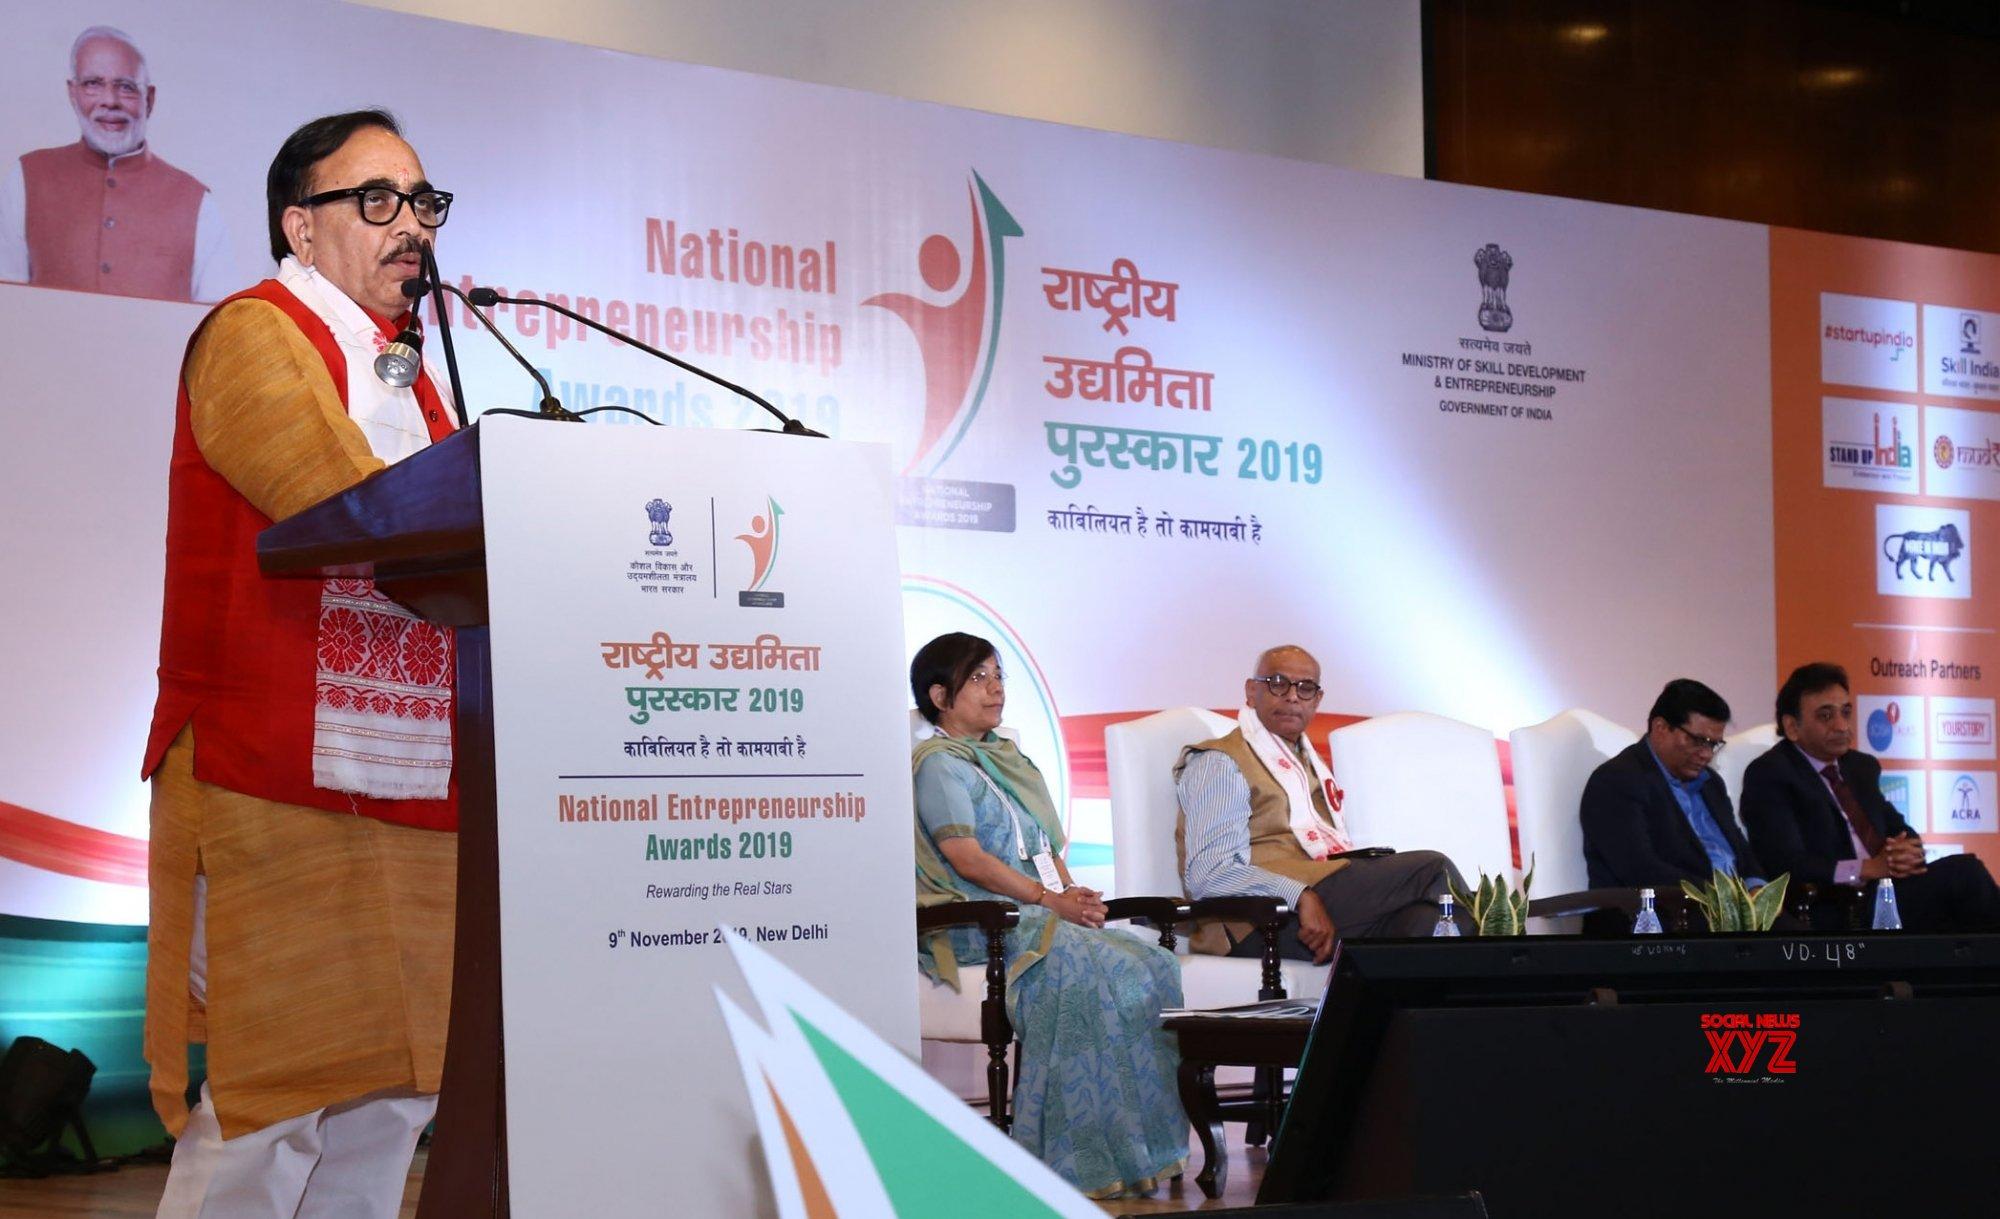 National Entrepreneurship Awards conferred on enterprises